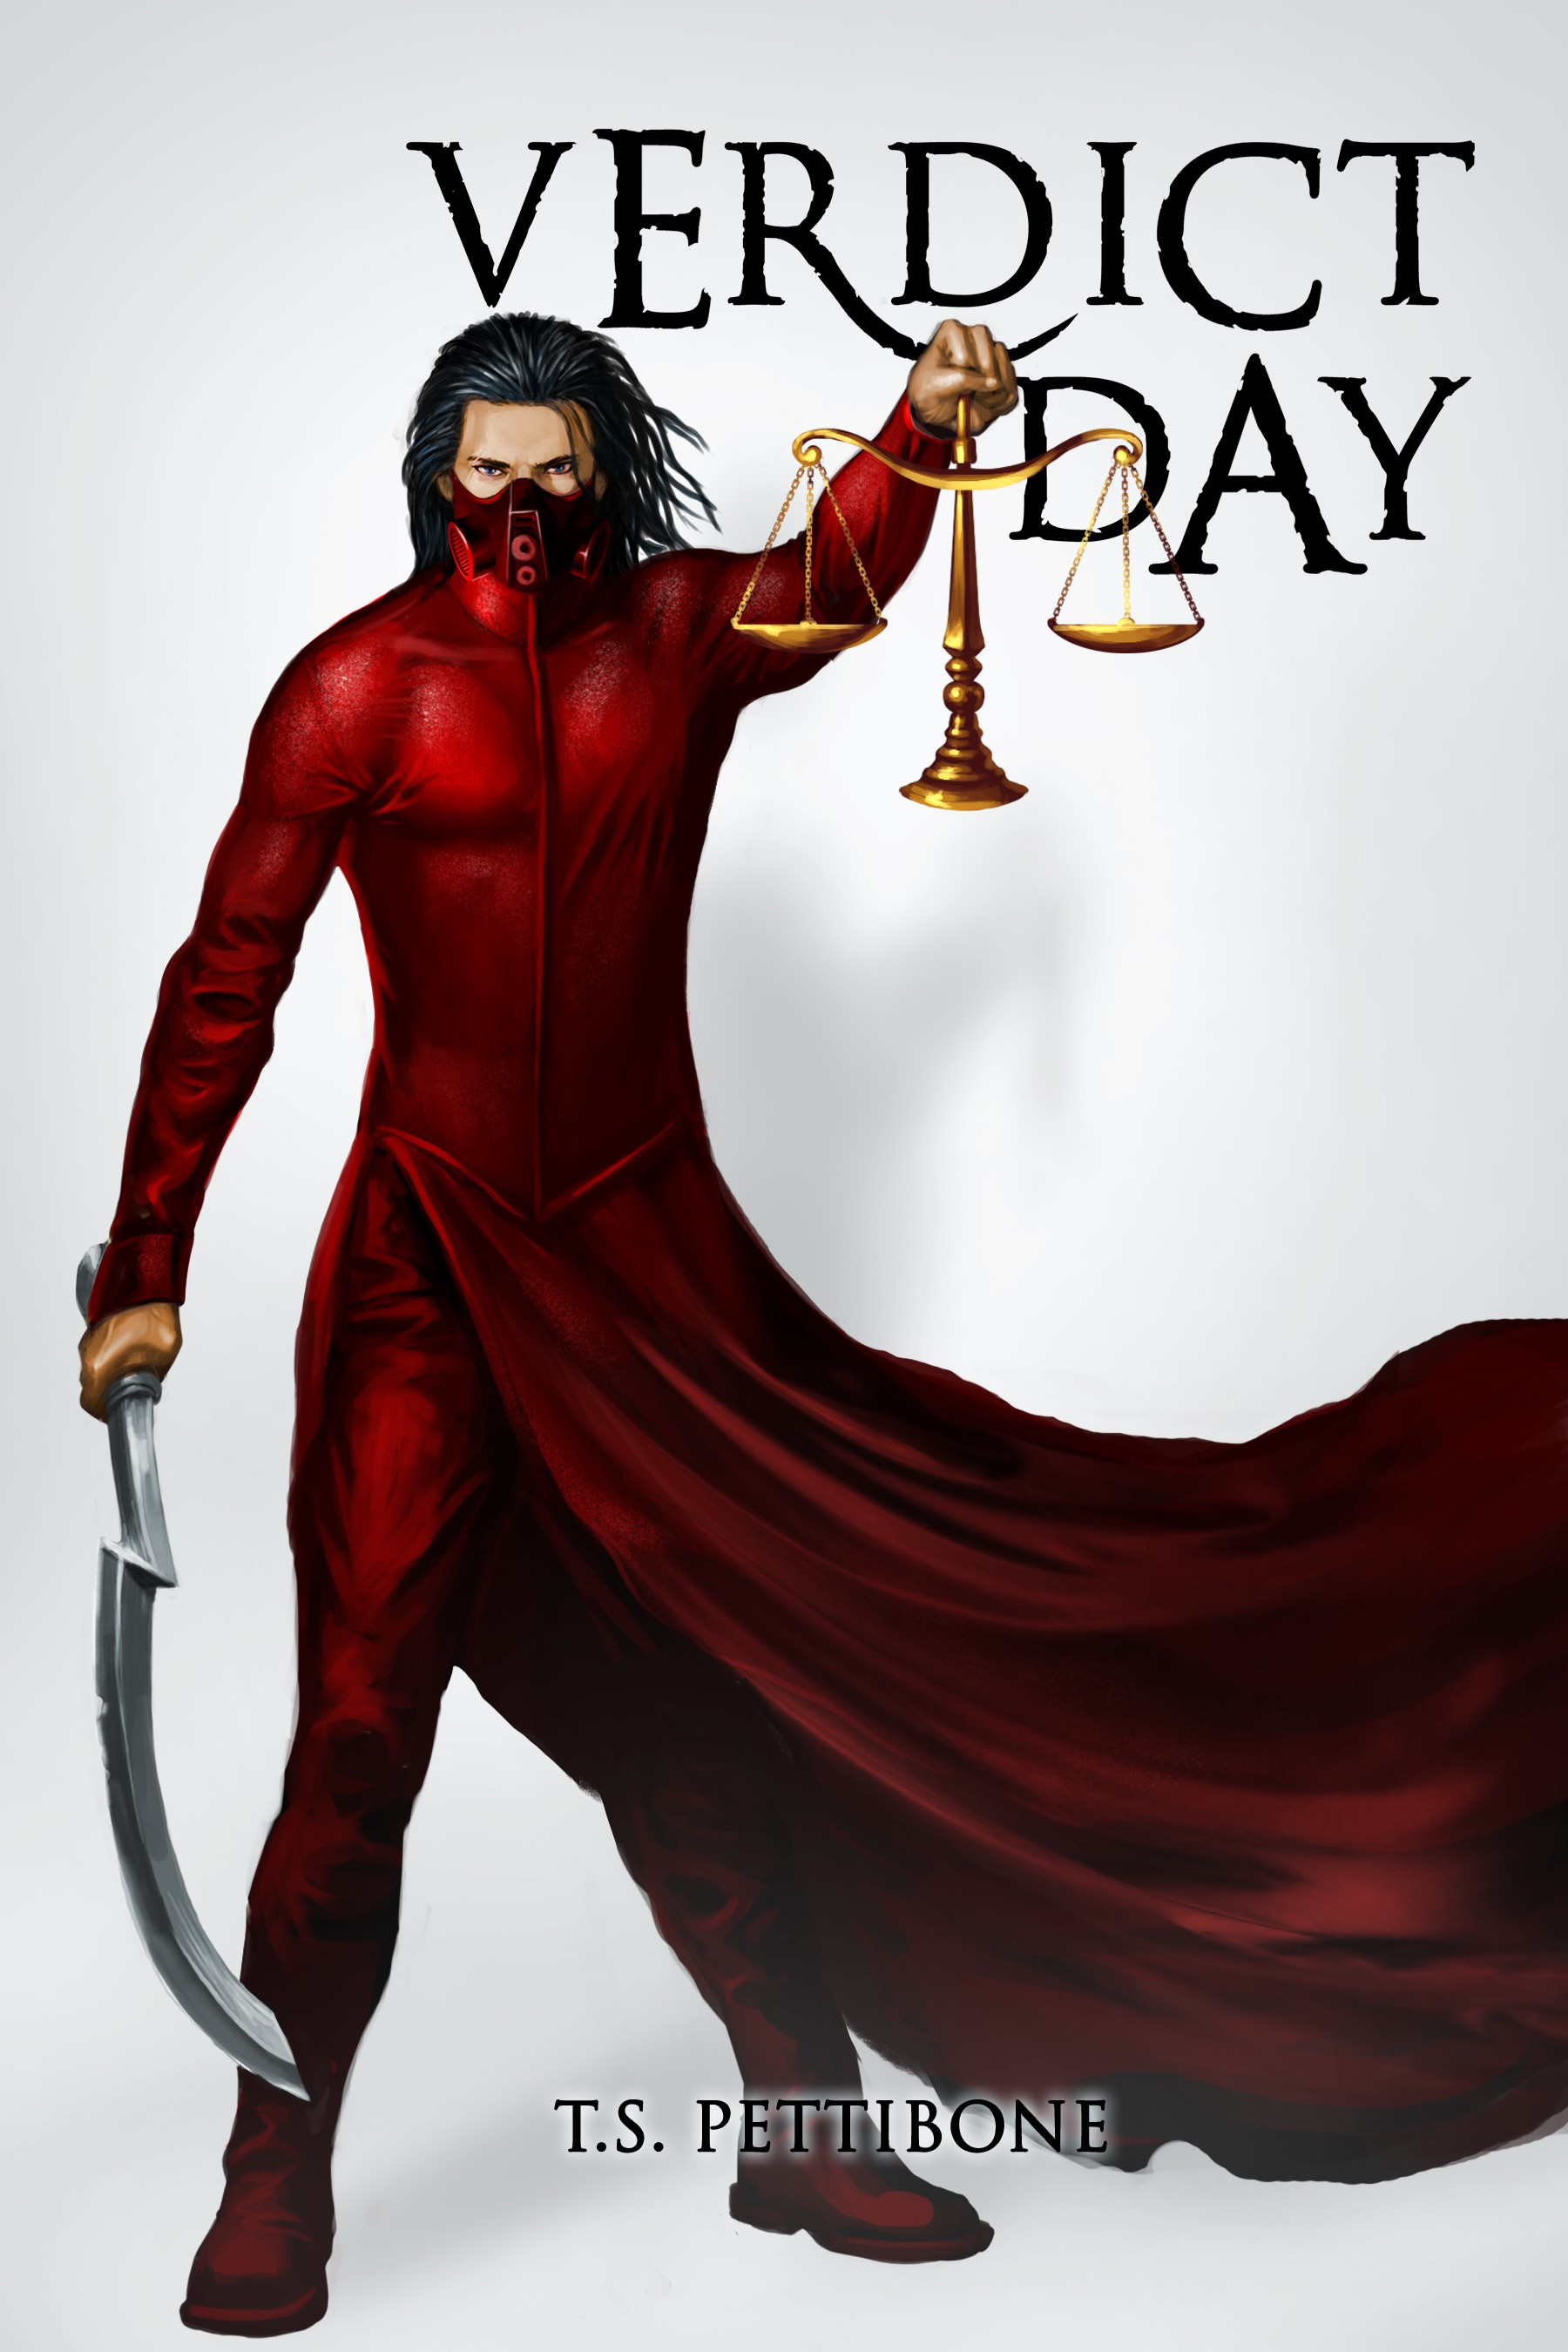 Verdict Day Book Cover